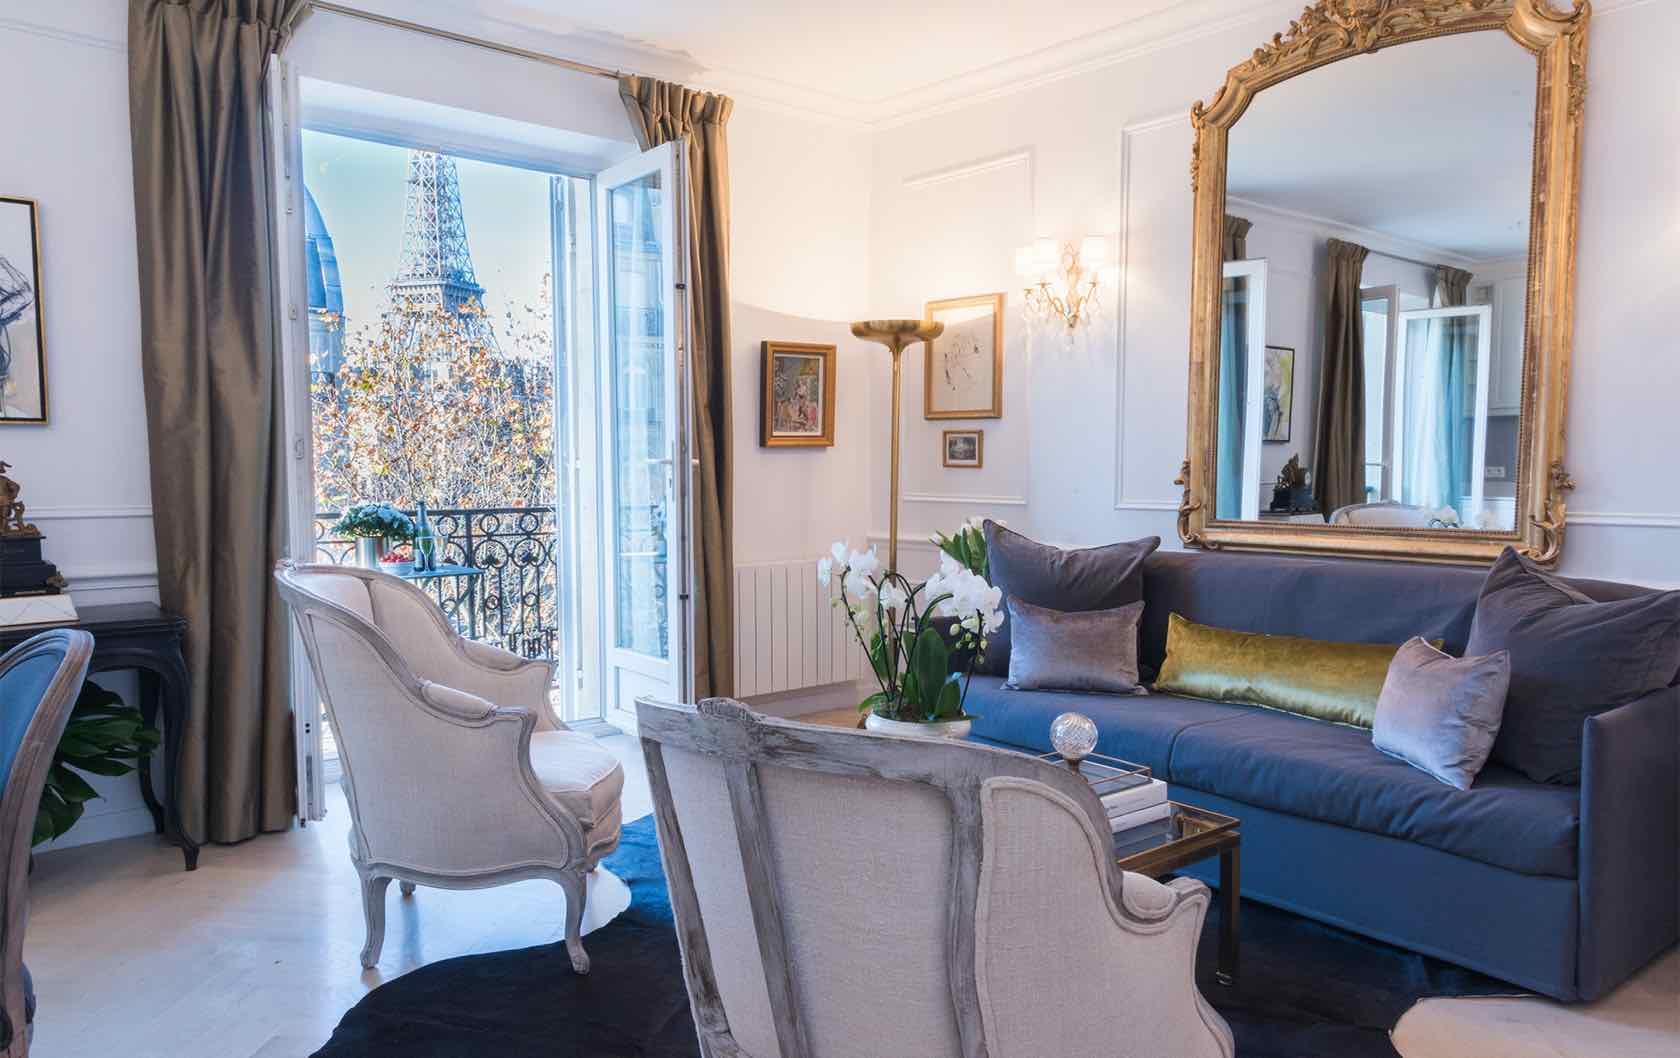 Cairanne Paris fractional apartment living room